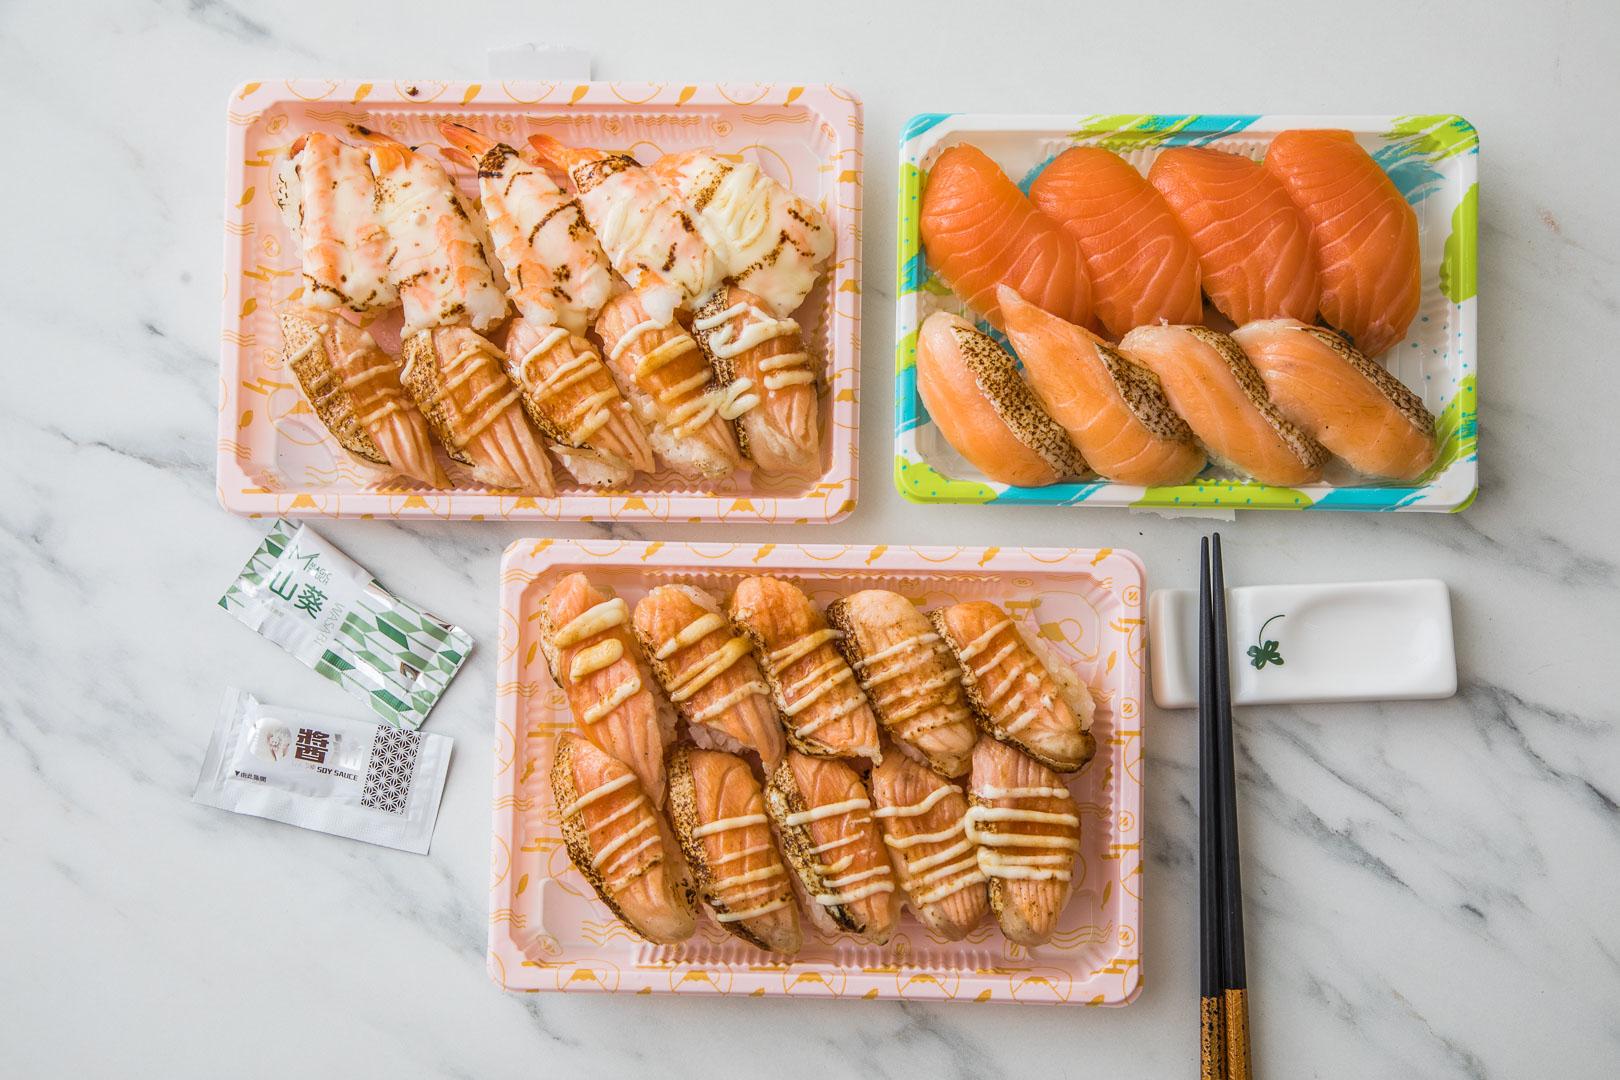 [桃園美食]Magic Touch点爭鮮/滿滿的鮭魚大平台!一盒還不用一百元!鮭魚控必須吃一波!